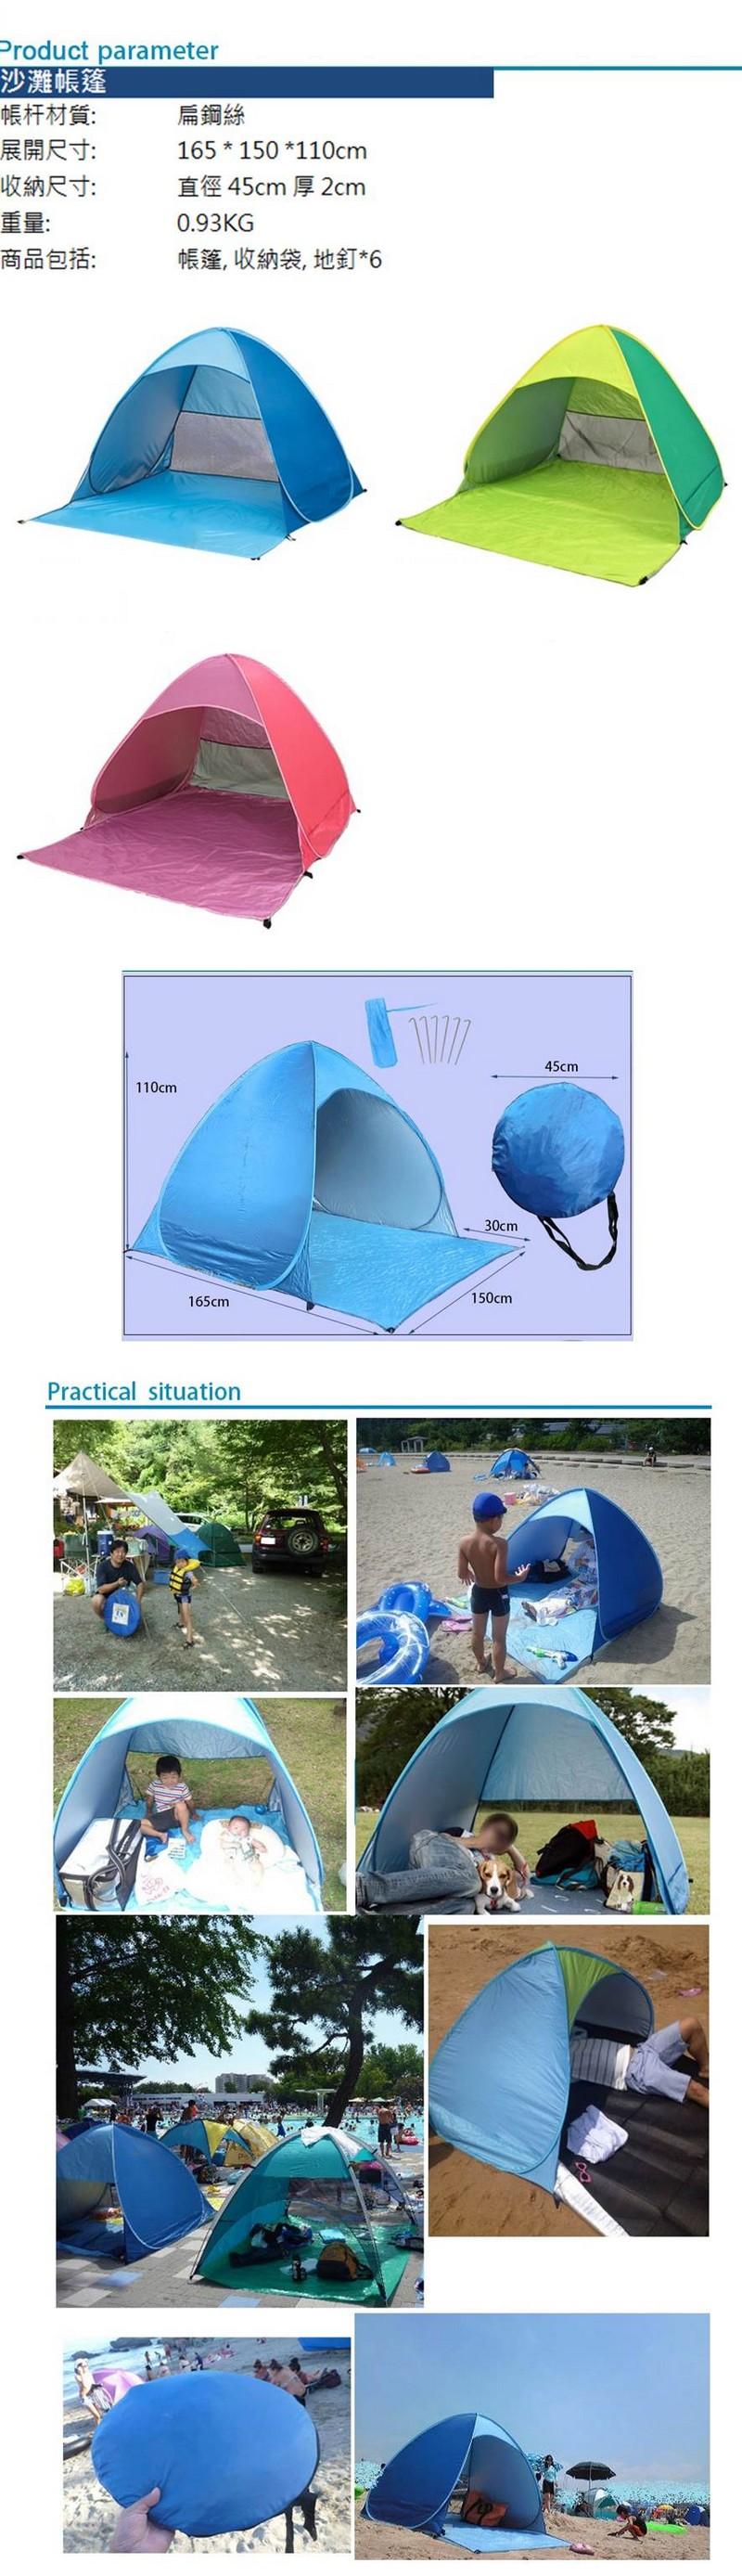 拼色2-3人沙灘 帳蓬藍+淺藍色拼色2-3人沙灘 帳蓬藍+淺藍色